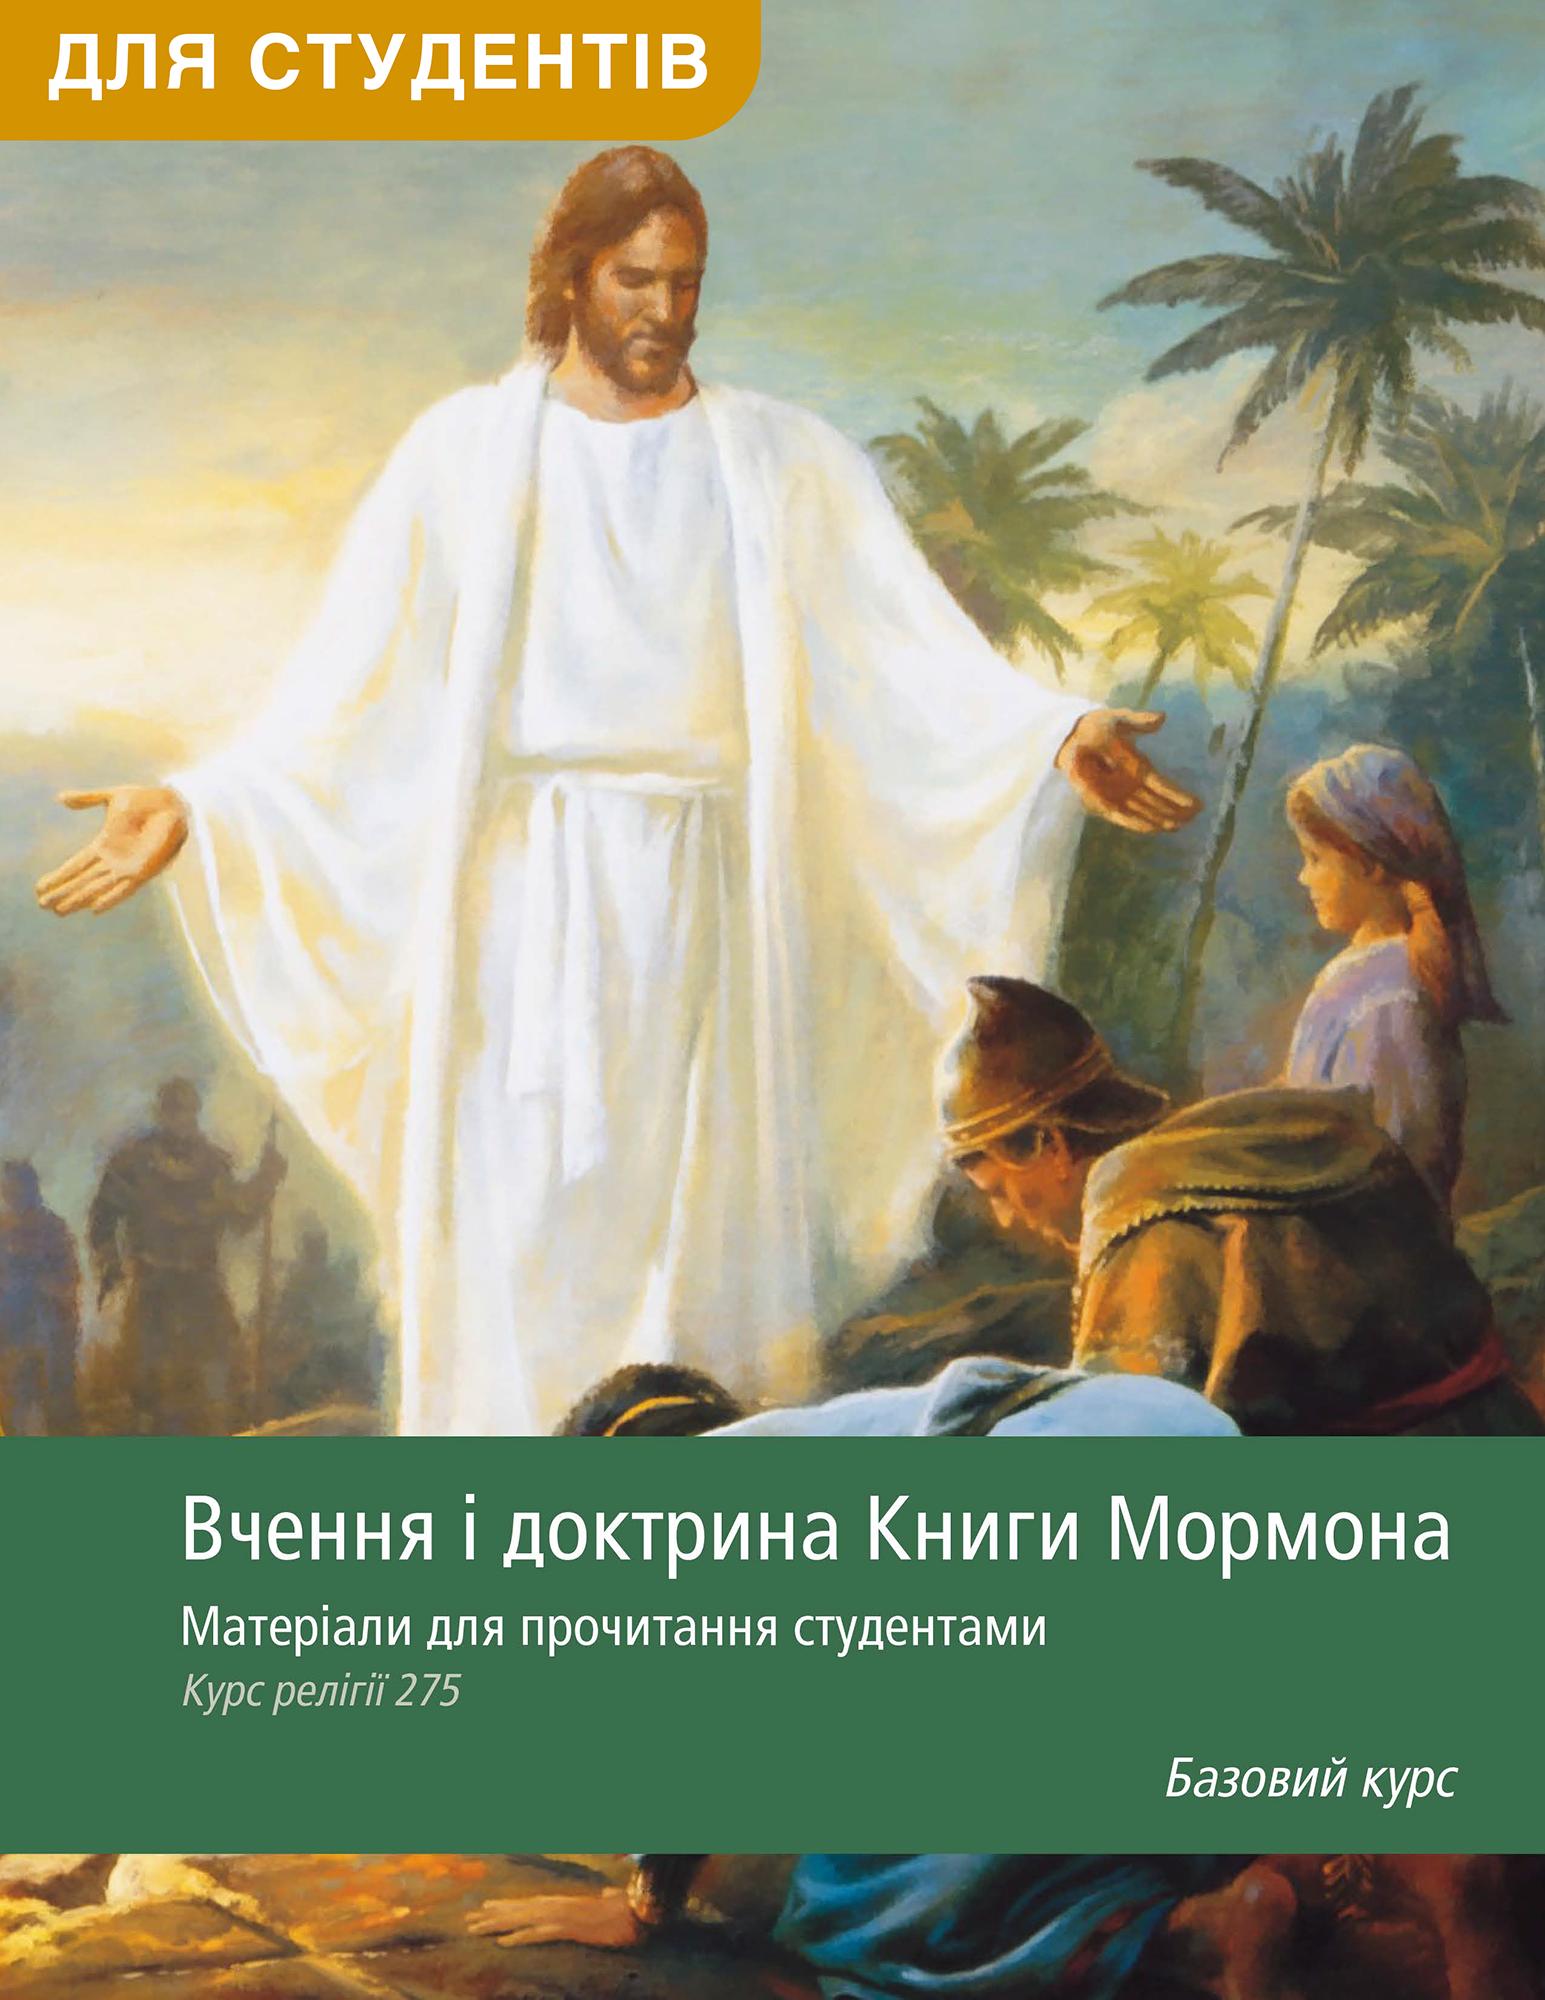 Вчення і доктрина Книги Мормона. Матеріали для прочитання студентами (Рел 275)